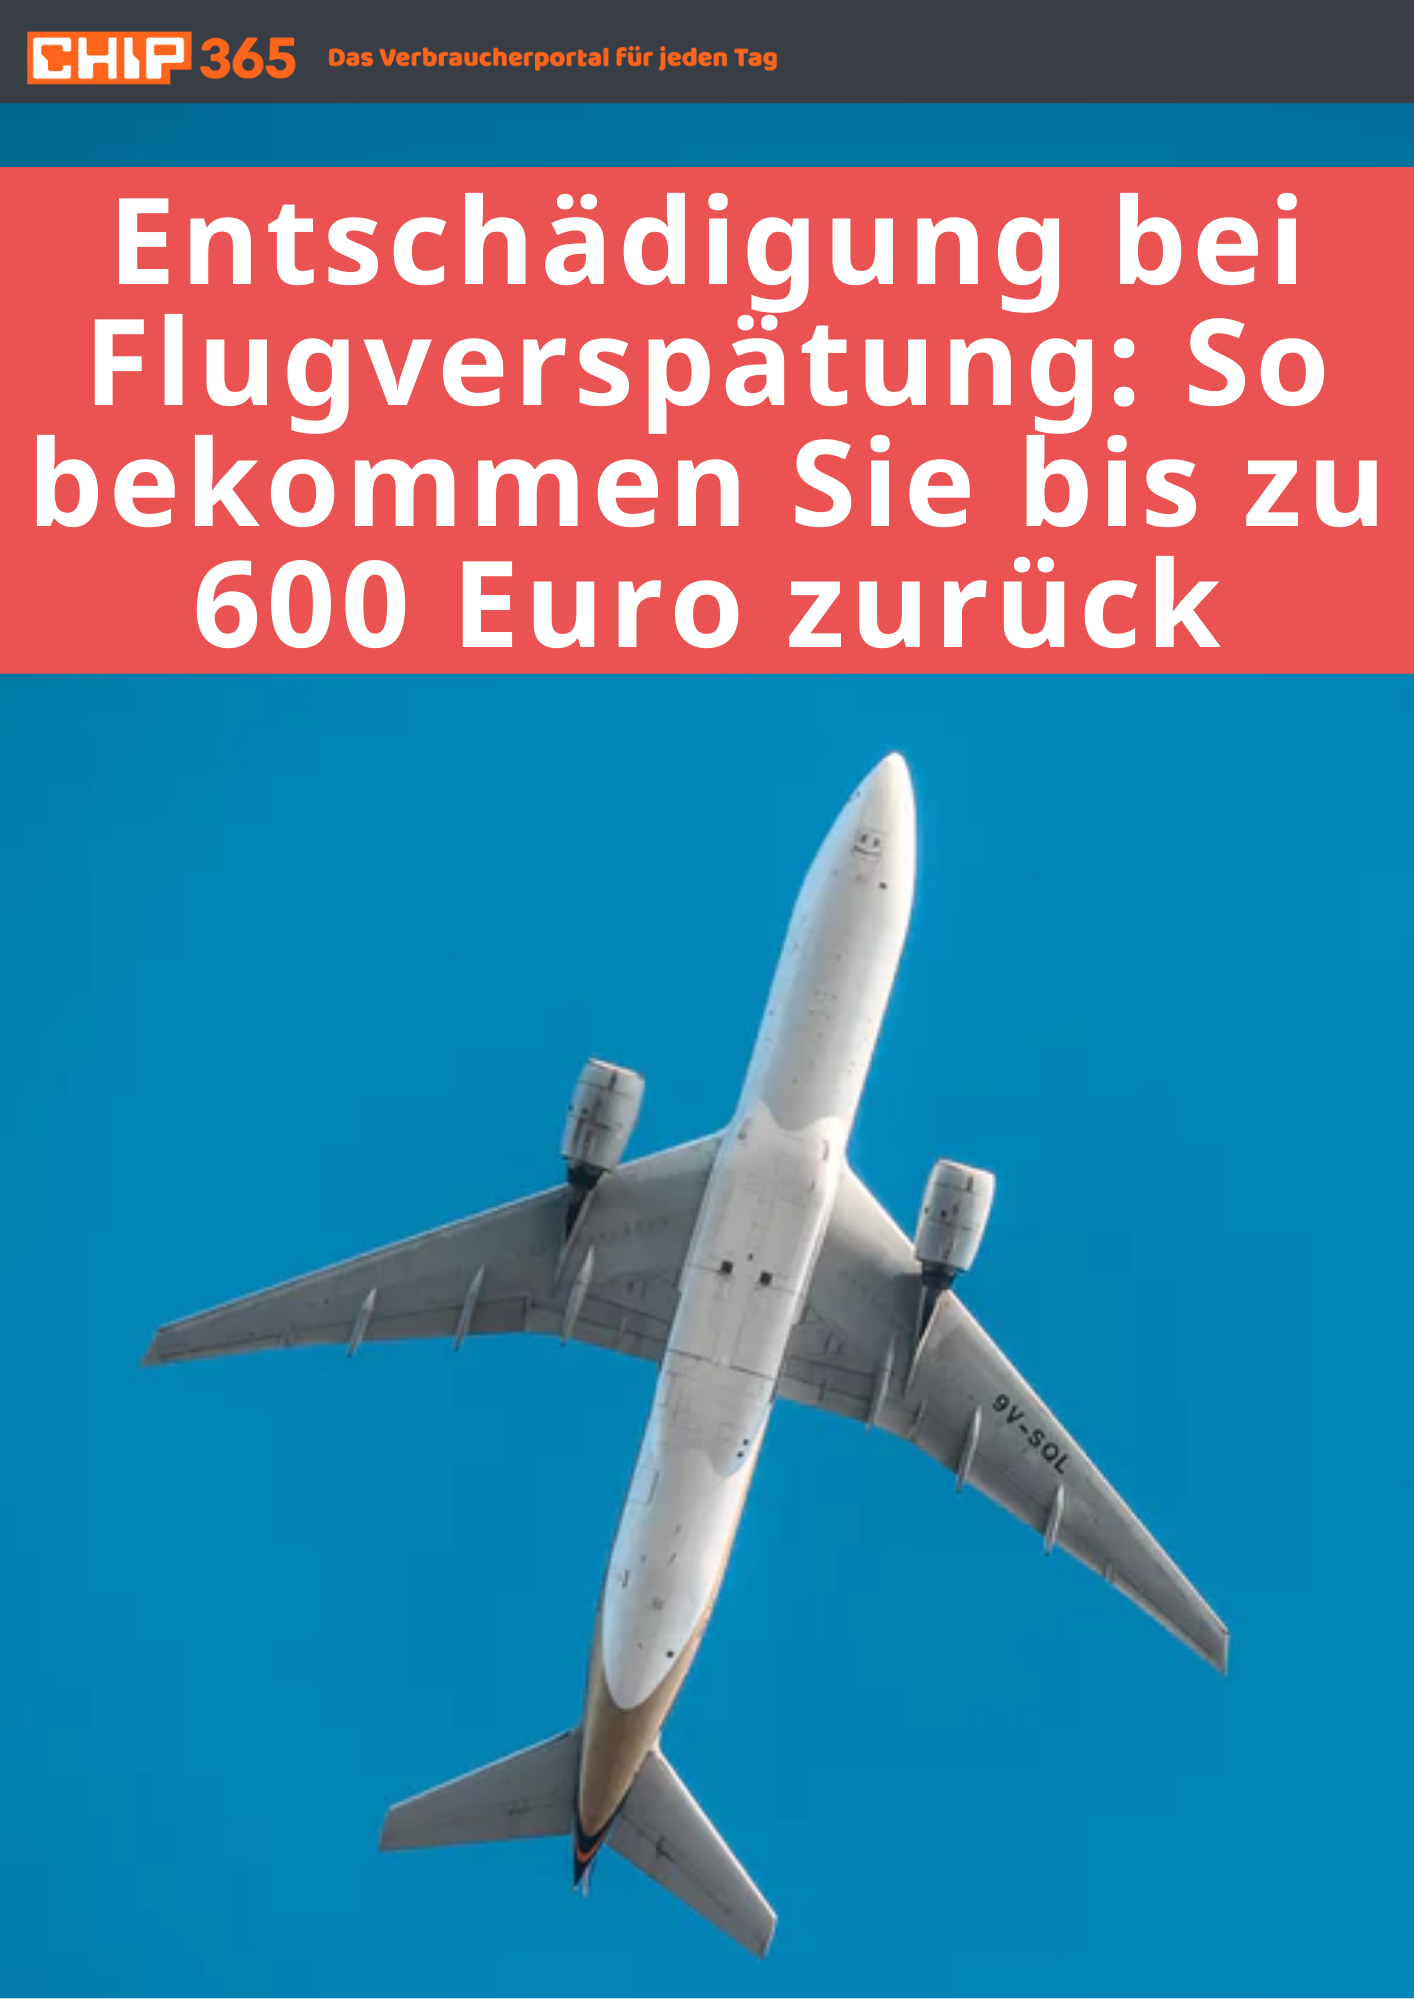 Geld Zurück Flugverspätung